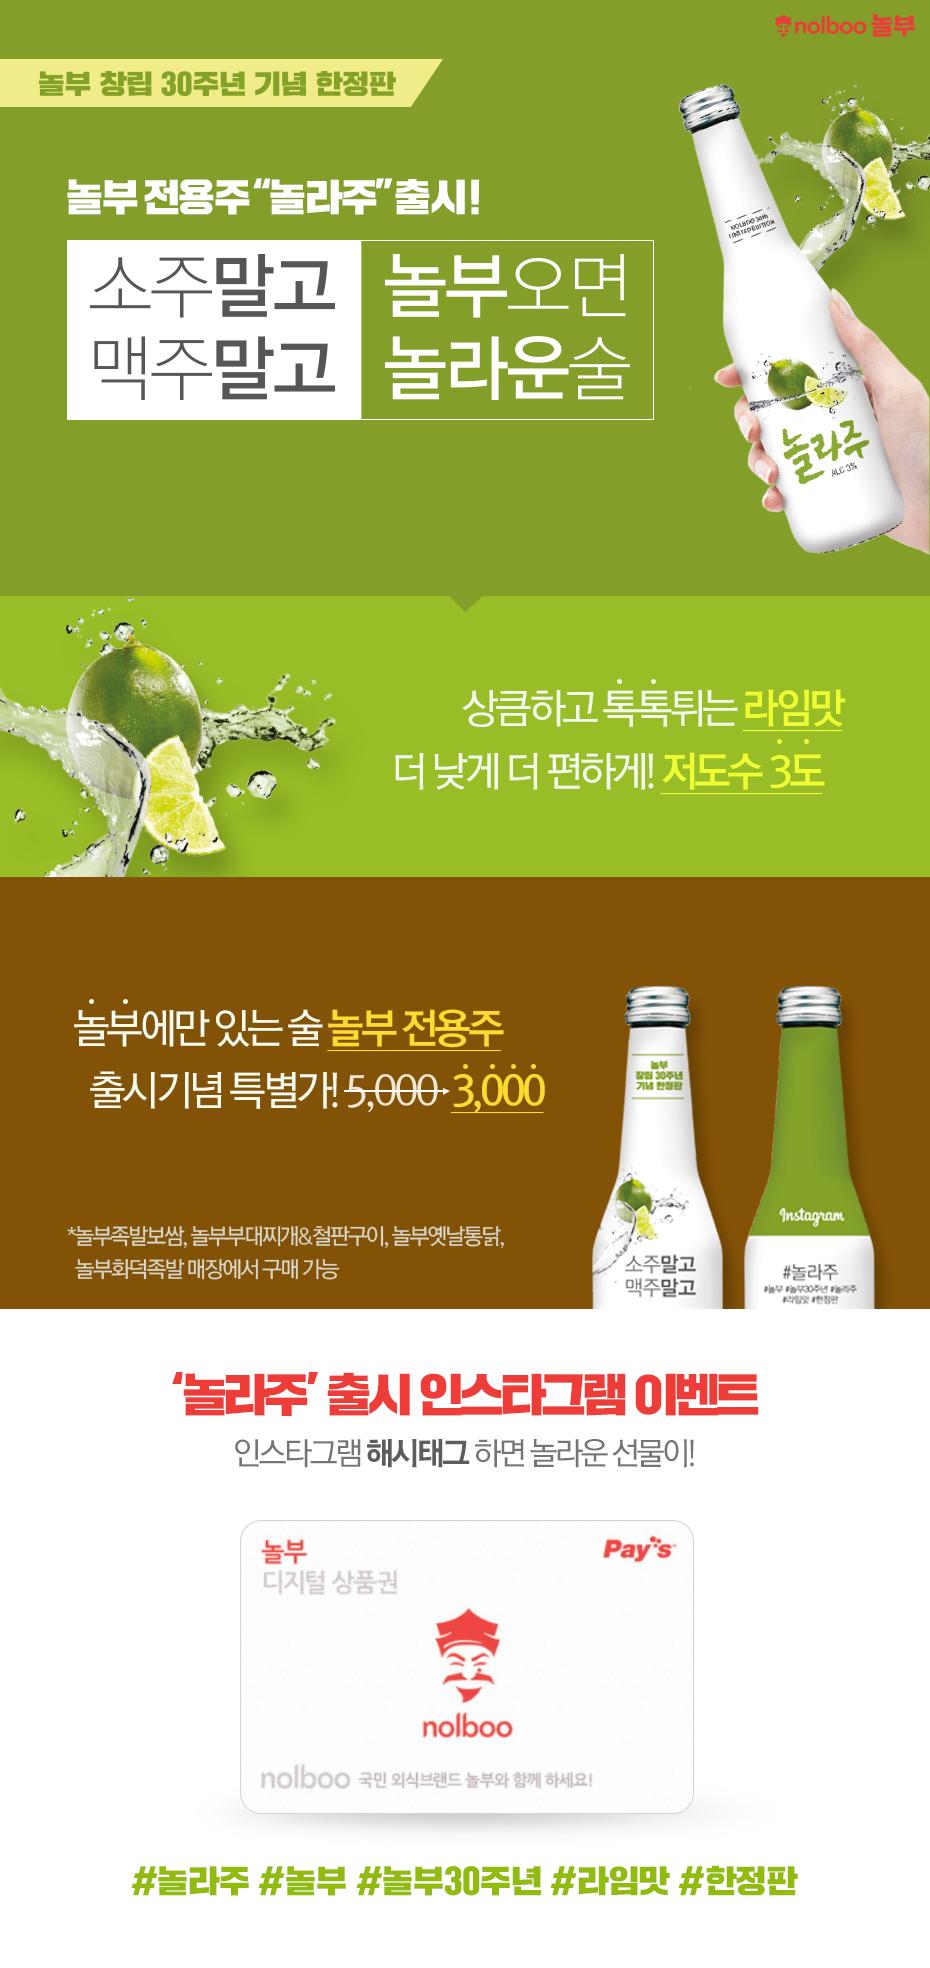 [놀부]0420_놀라주_930xfree_CI수정.png